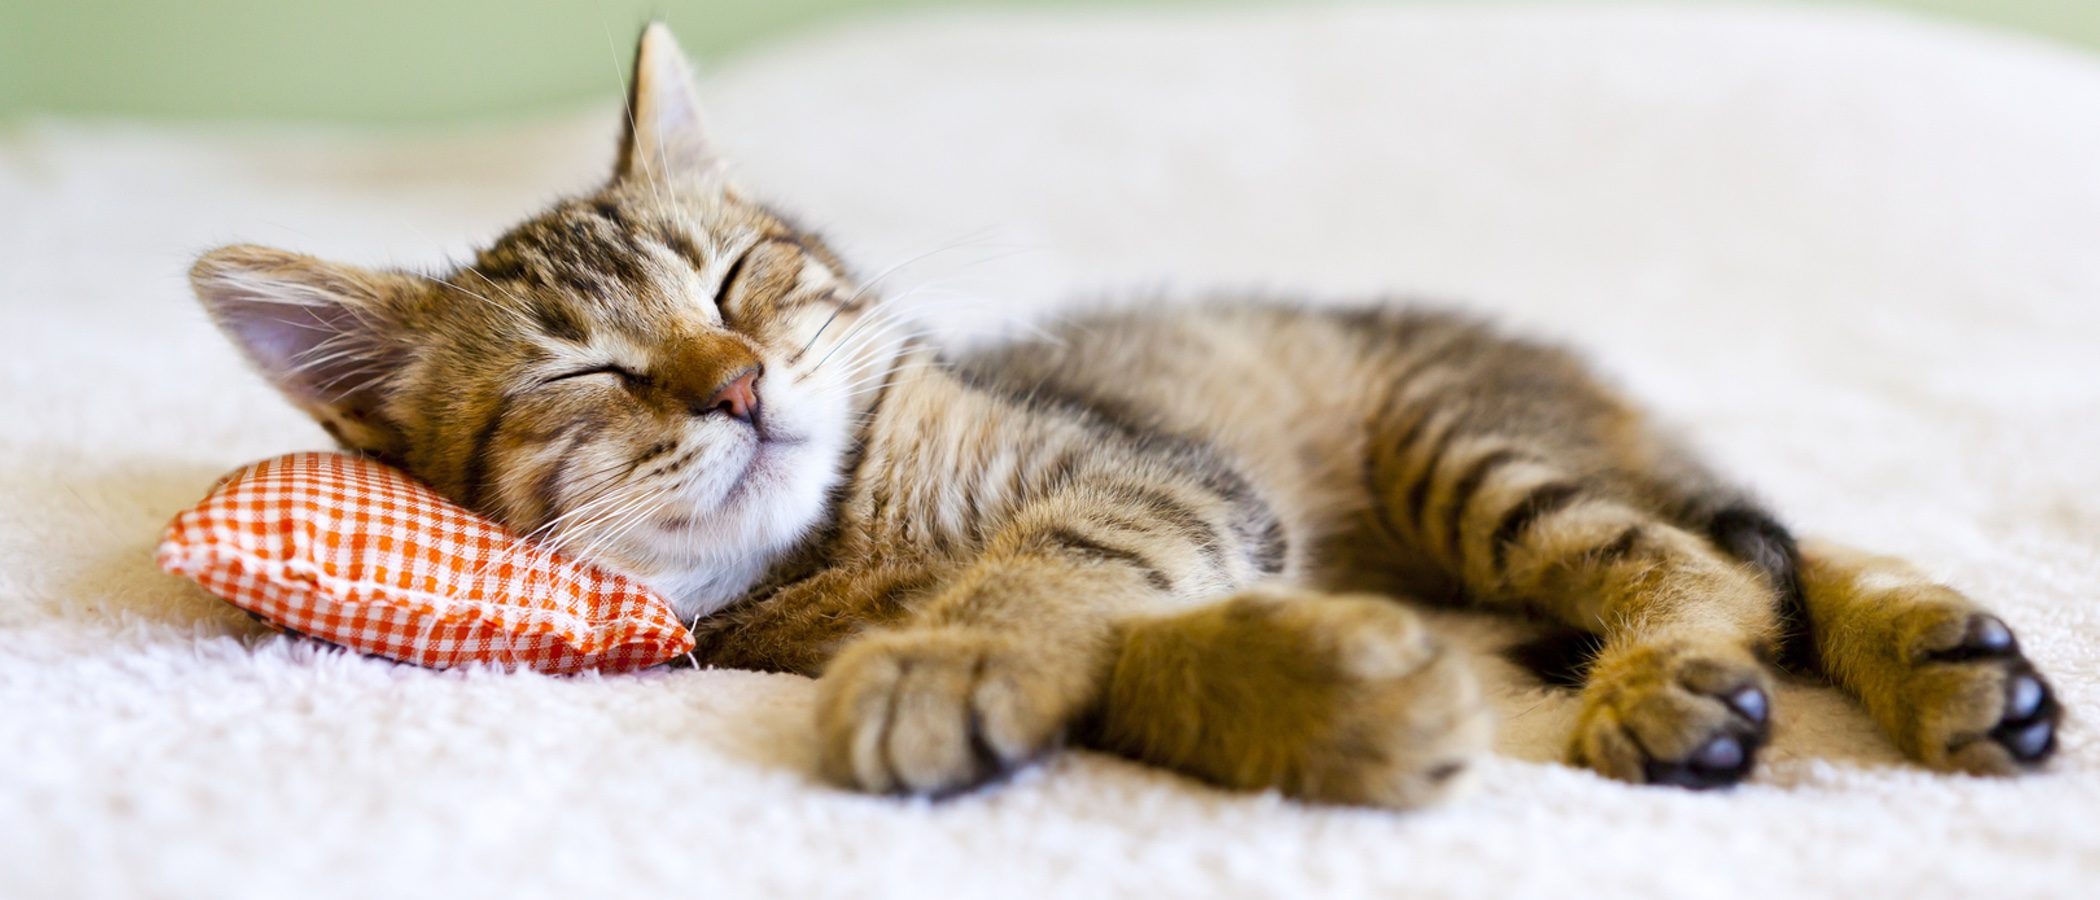 Como Hago Para Que Mi Gato No Rasguñe Los Muebles